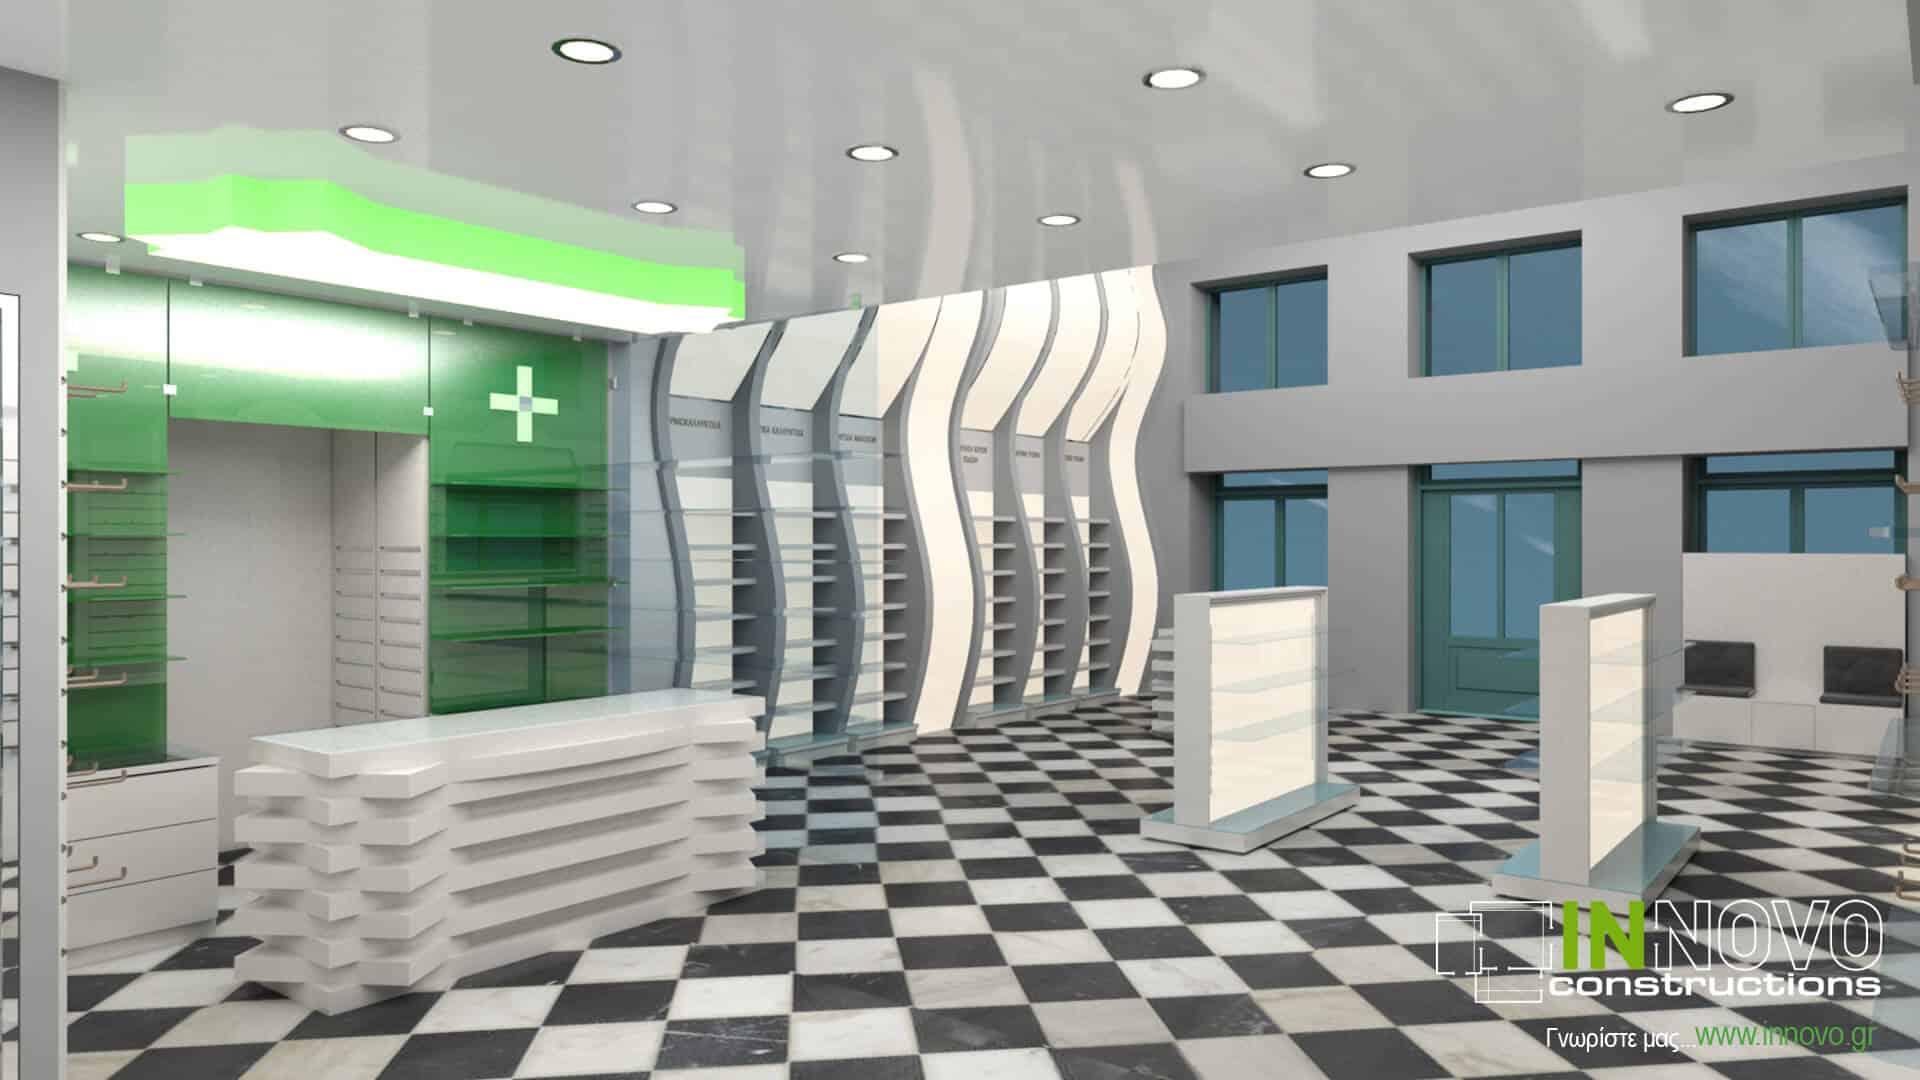 Από την Constructions, σχεδιασμός φαρμακείου στον Πειραιά